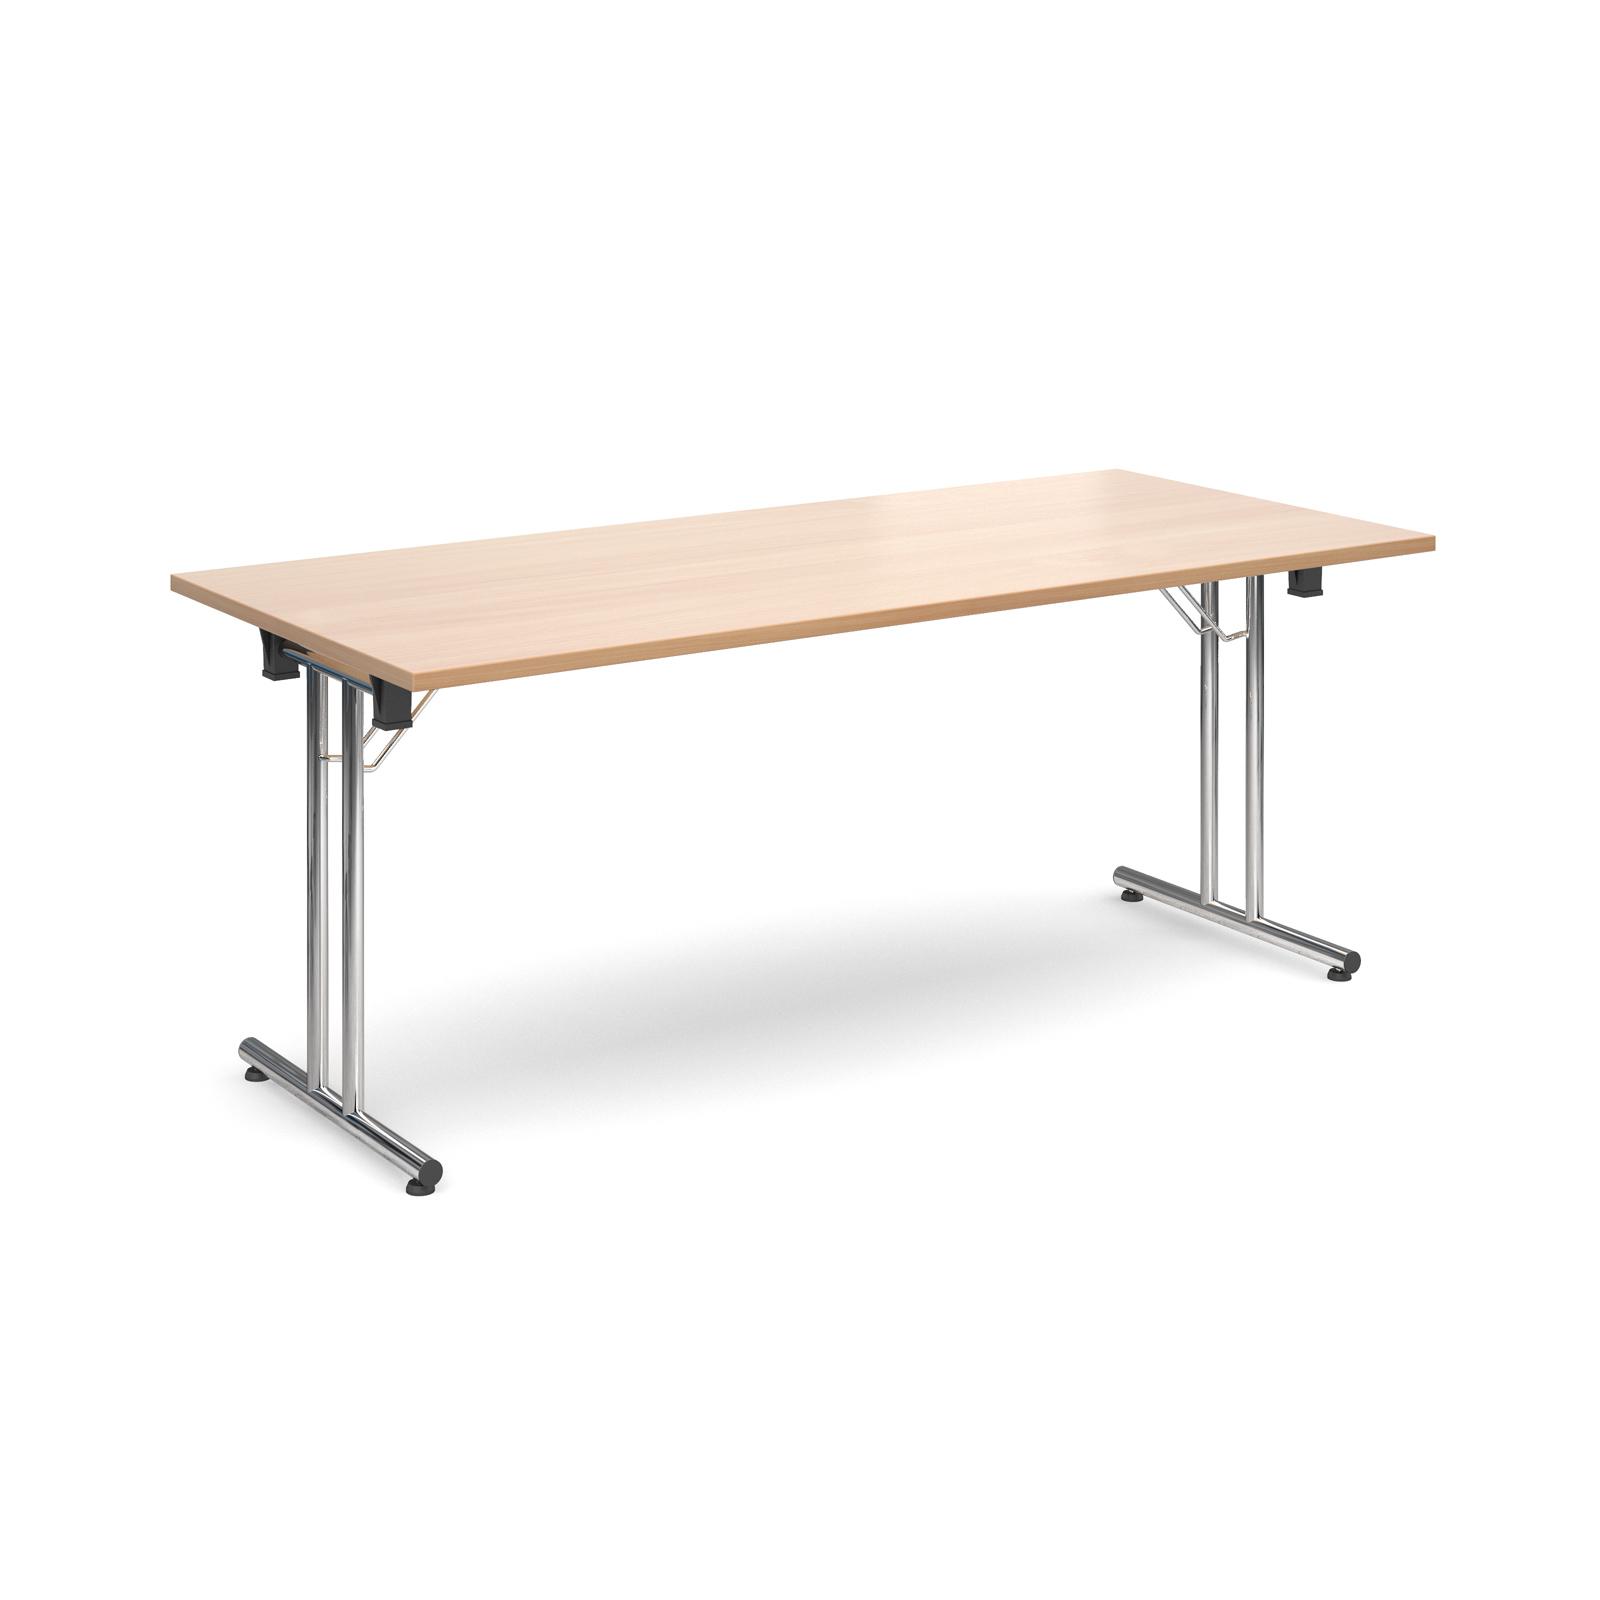 Rectangular deluxe folding leg table 1800mm x 800mm - beech